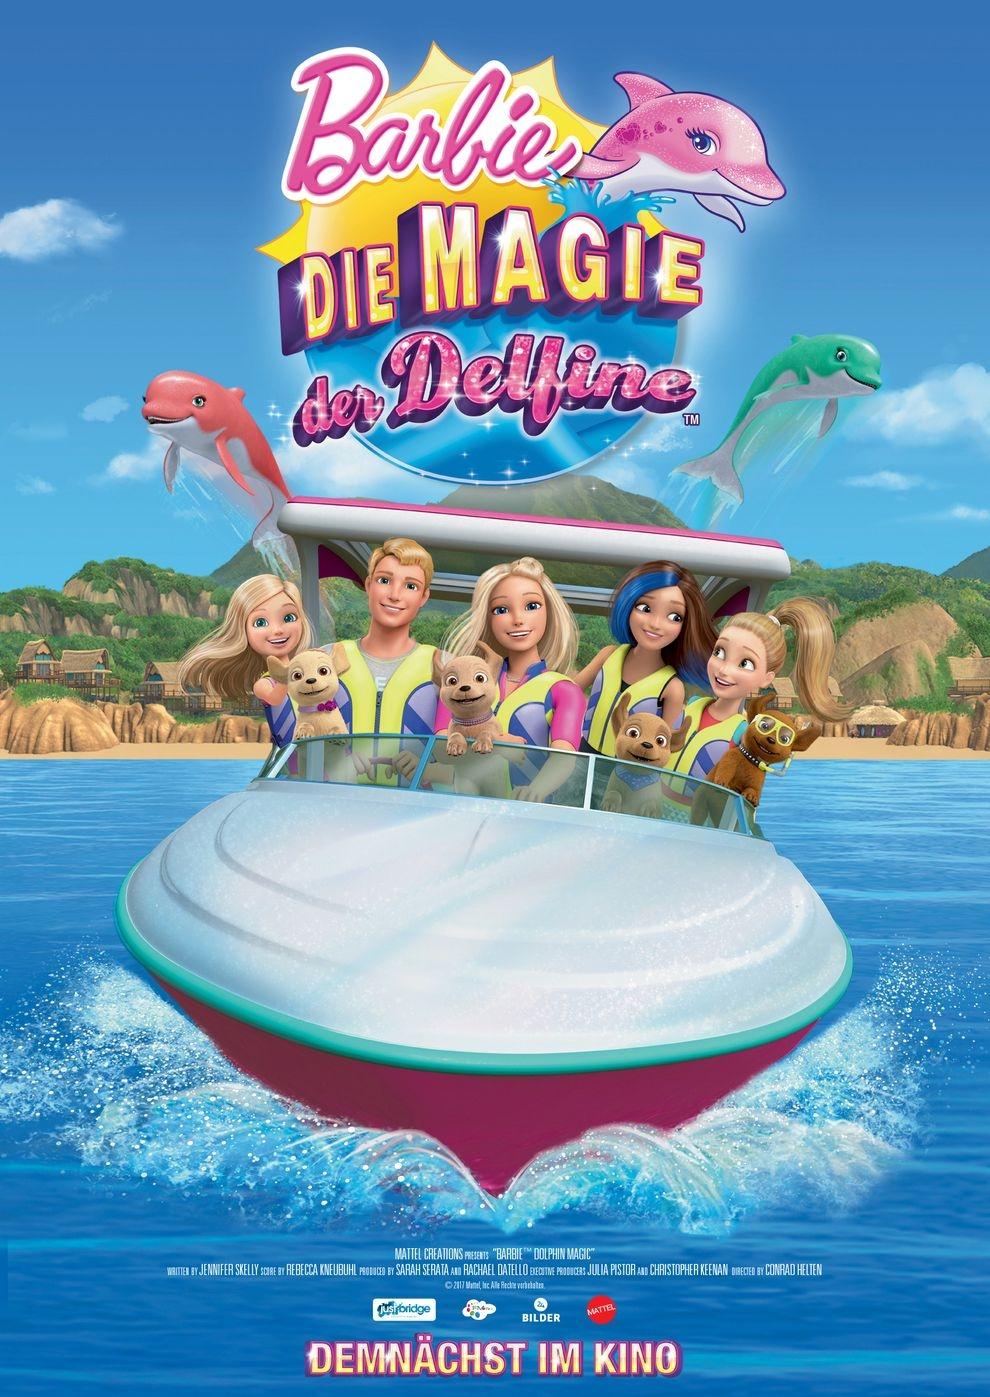 Barbie - Die Magie der Delfine (Poster)